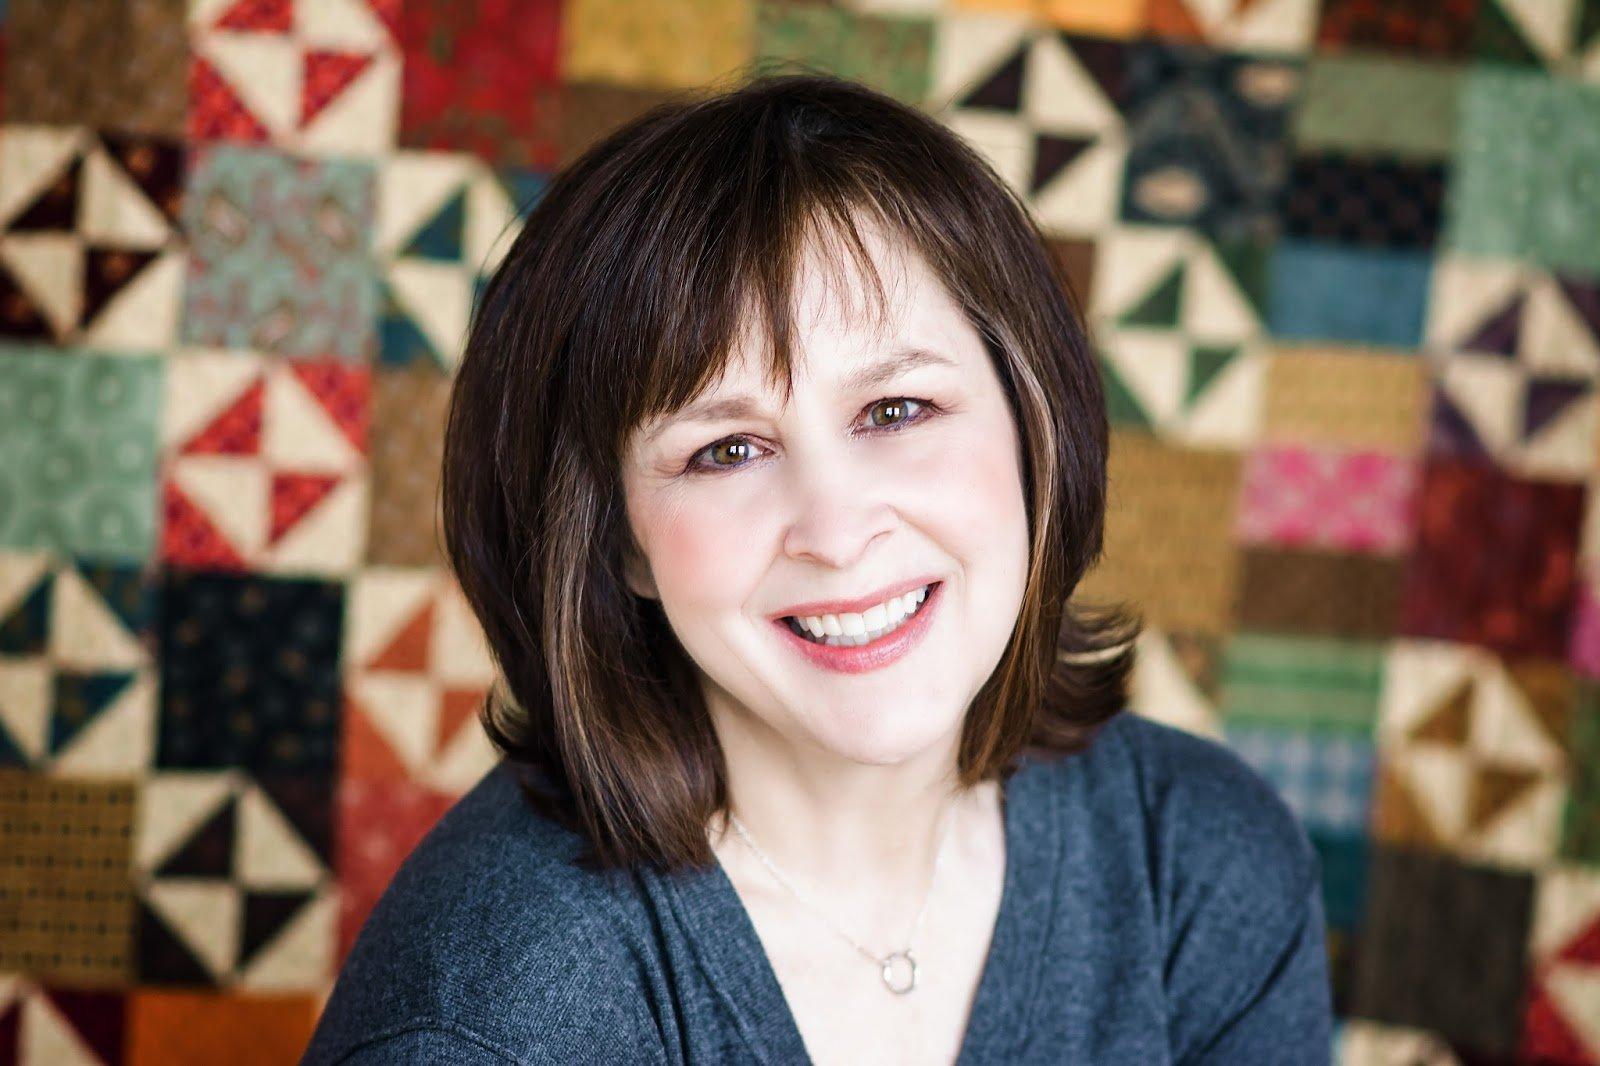 Kim Diehl